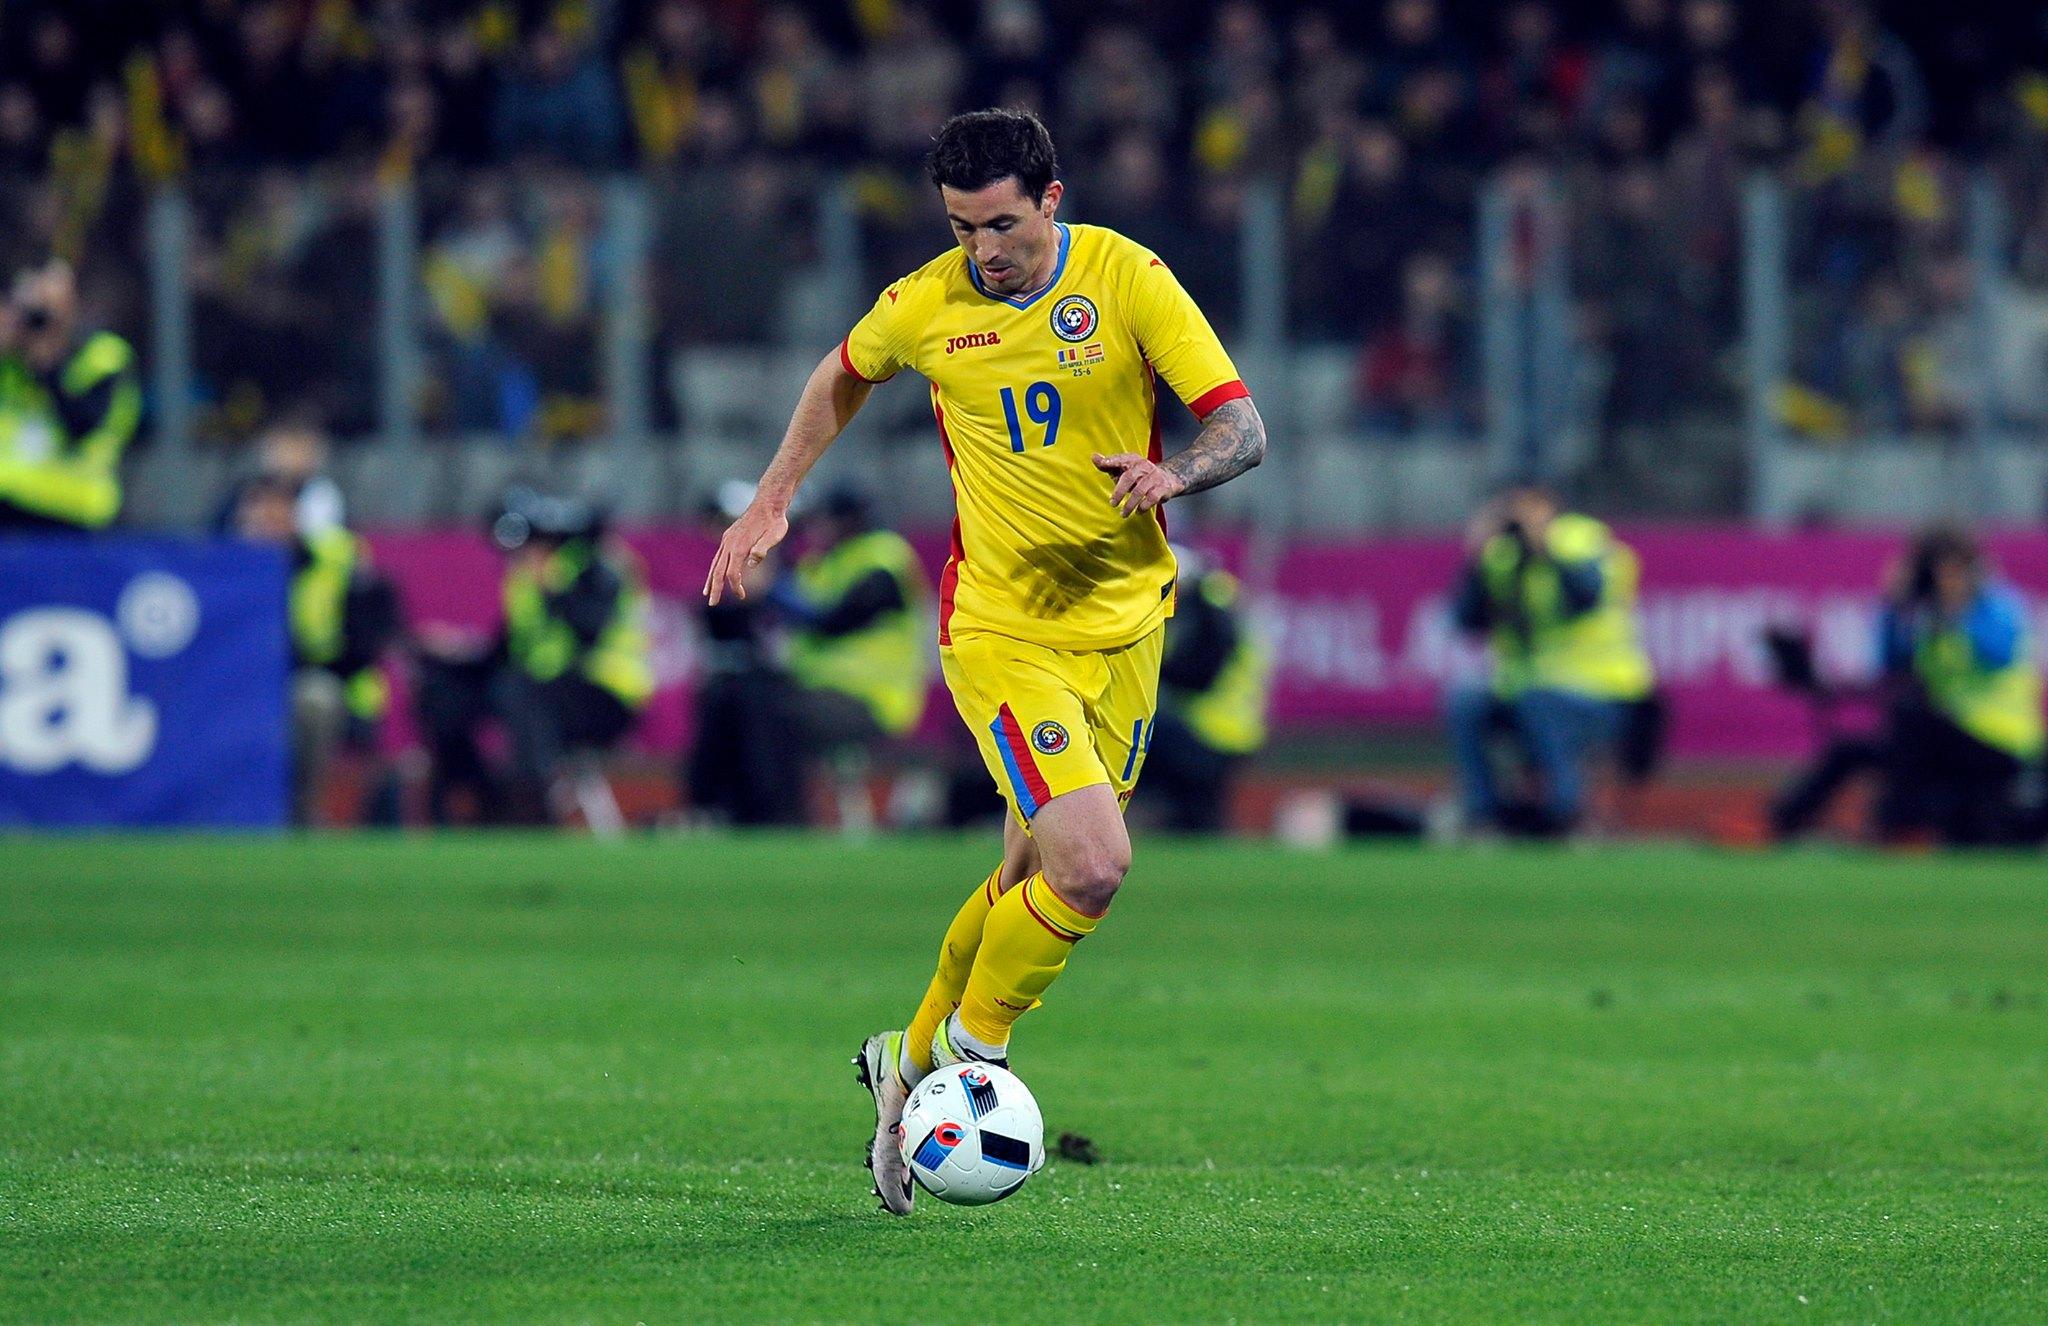 Bogdan Stancu a deschis scorul în meciul cu Elveția și a devenit primul fotbalist român care înscrie două goluri la un turneu final european / Foto: Dan Bodea